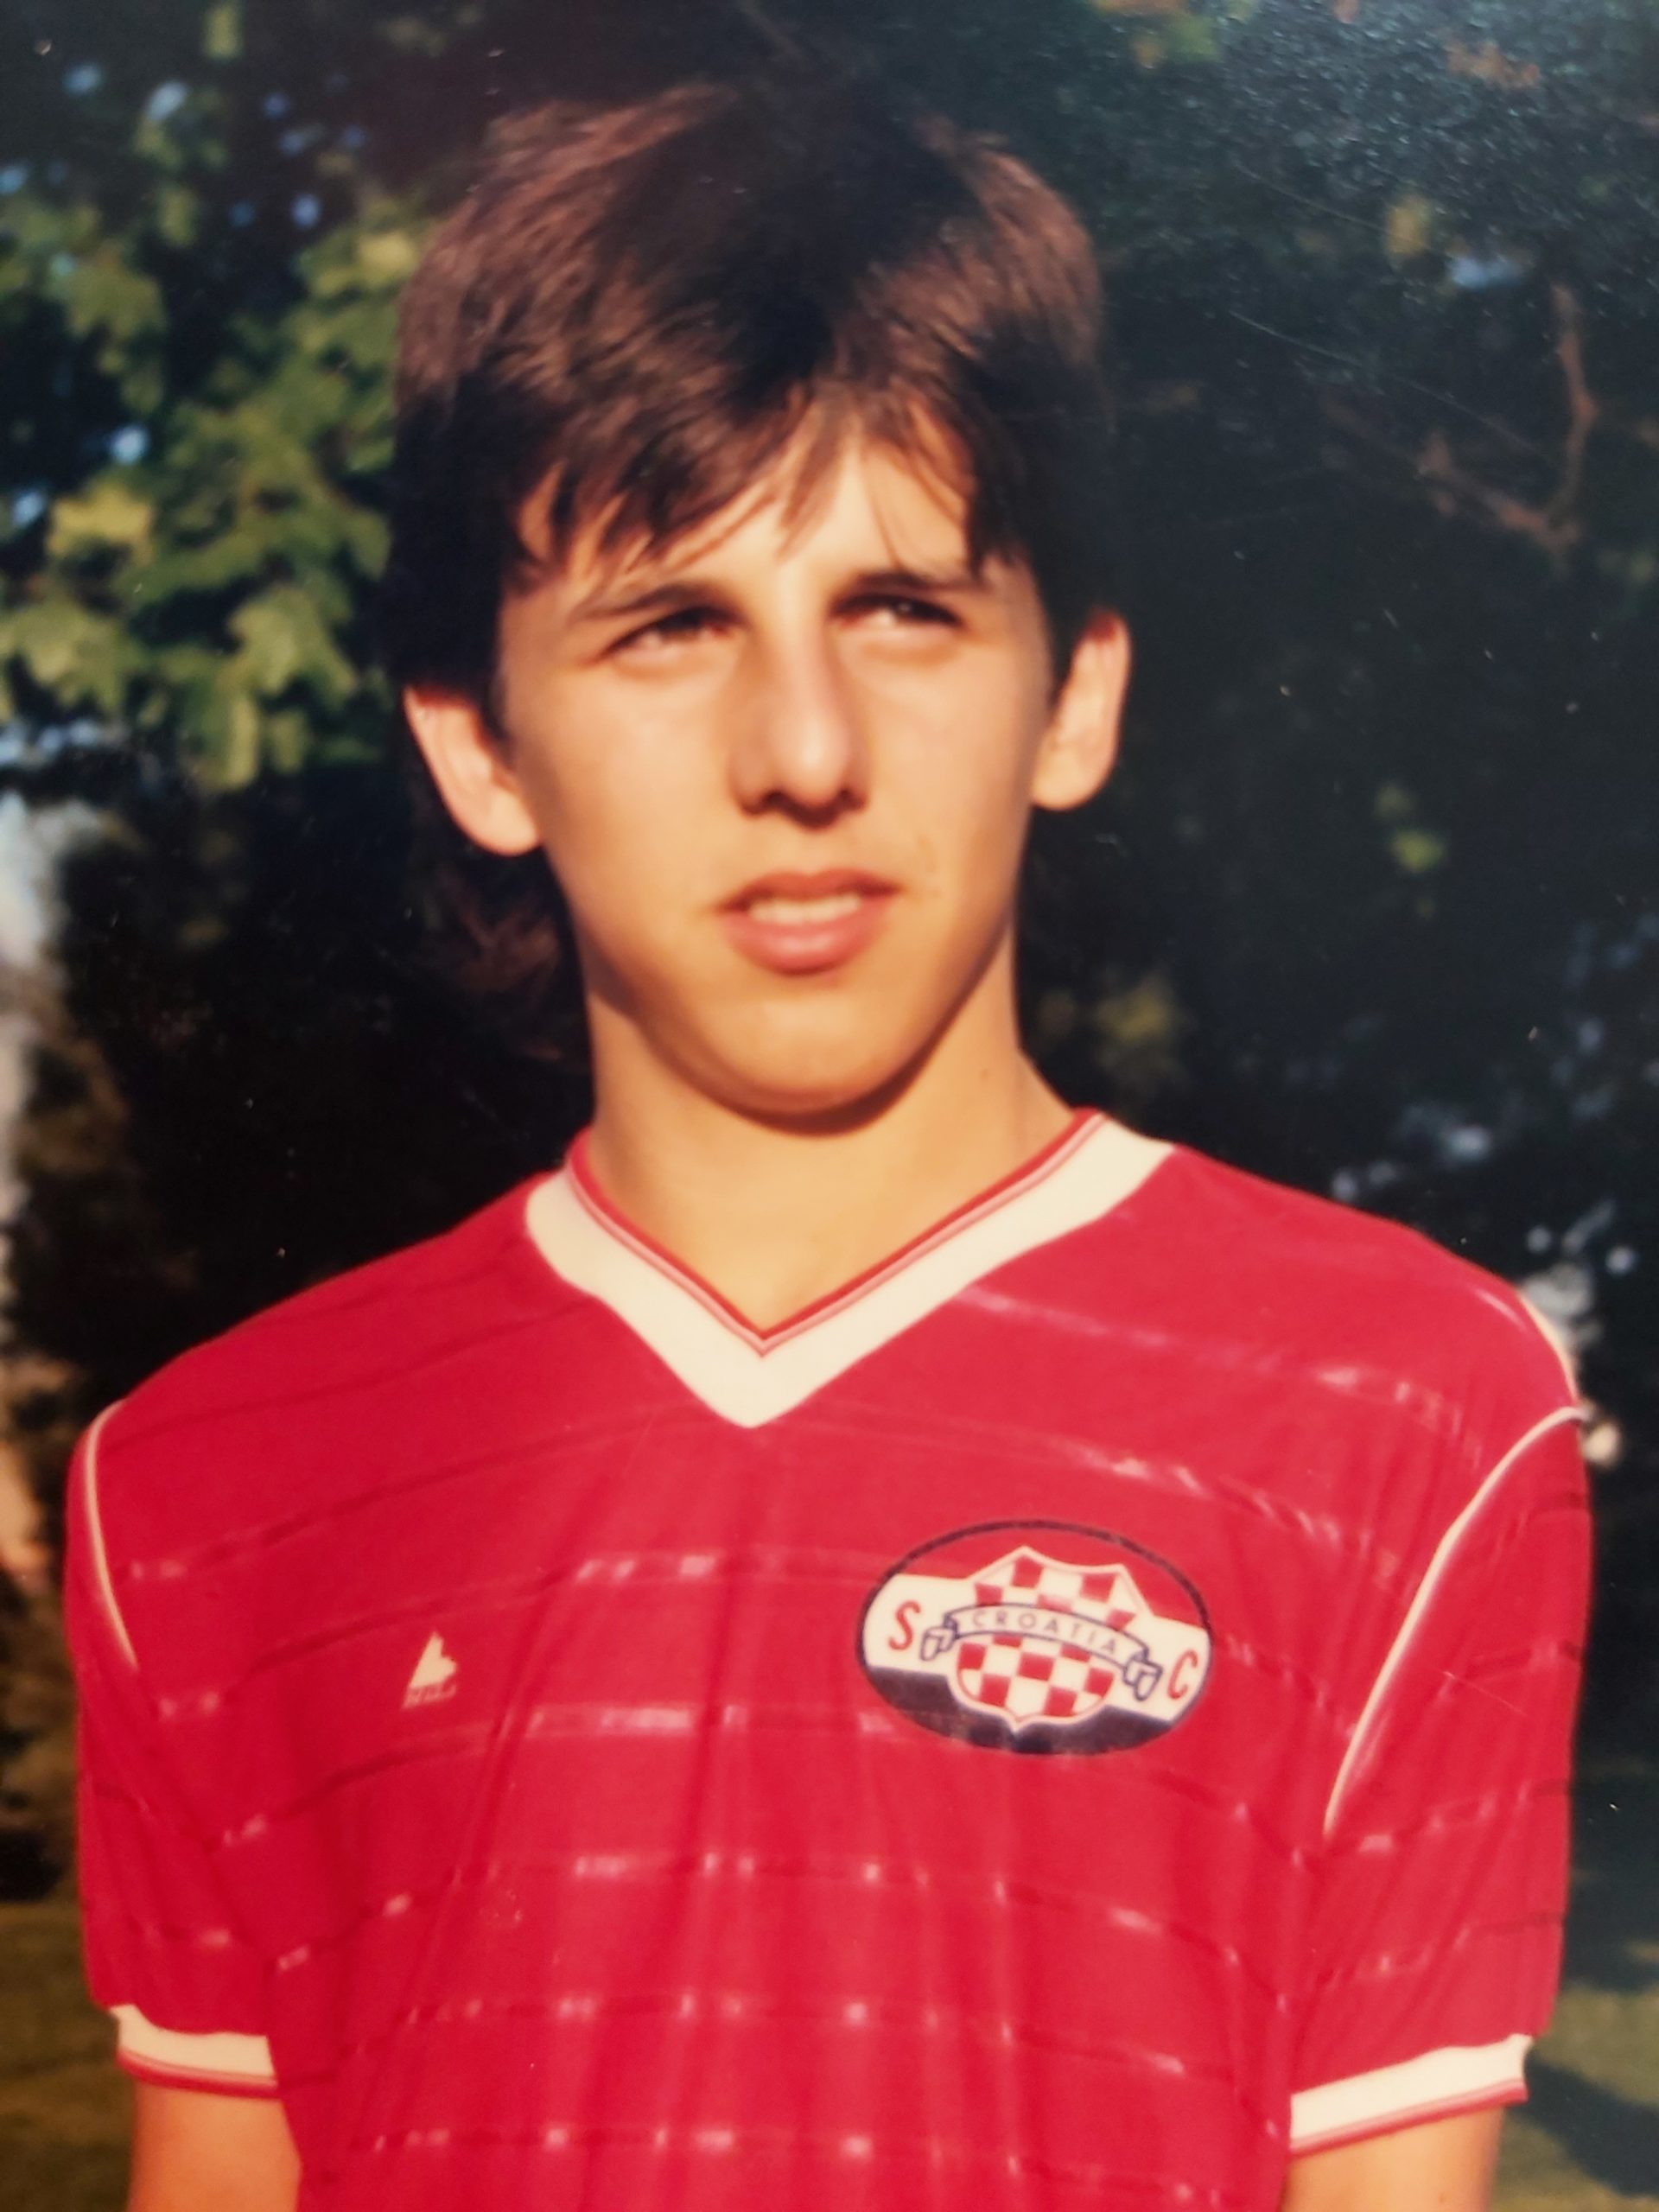 Nick Dasovic